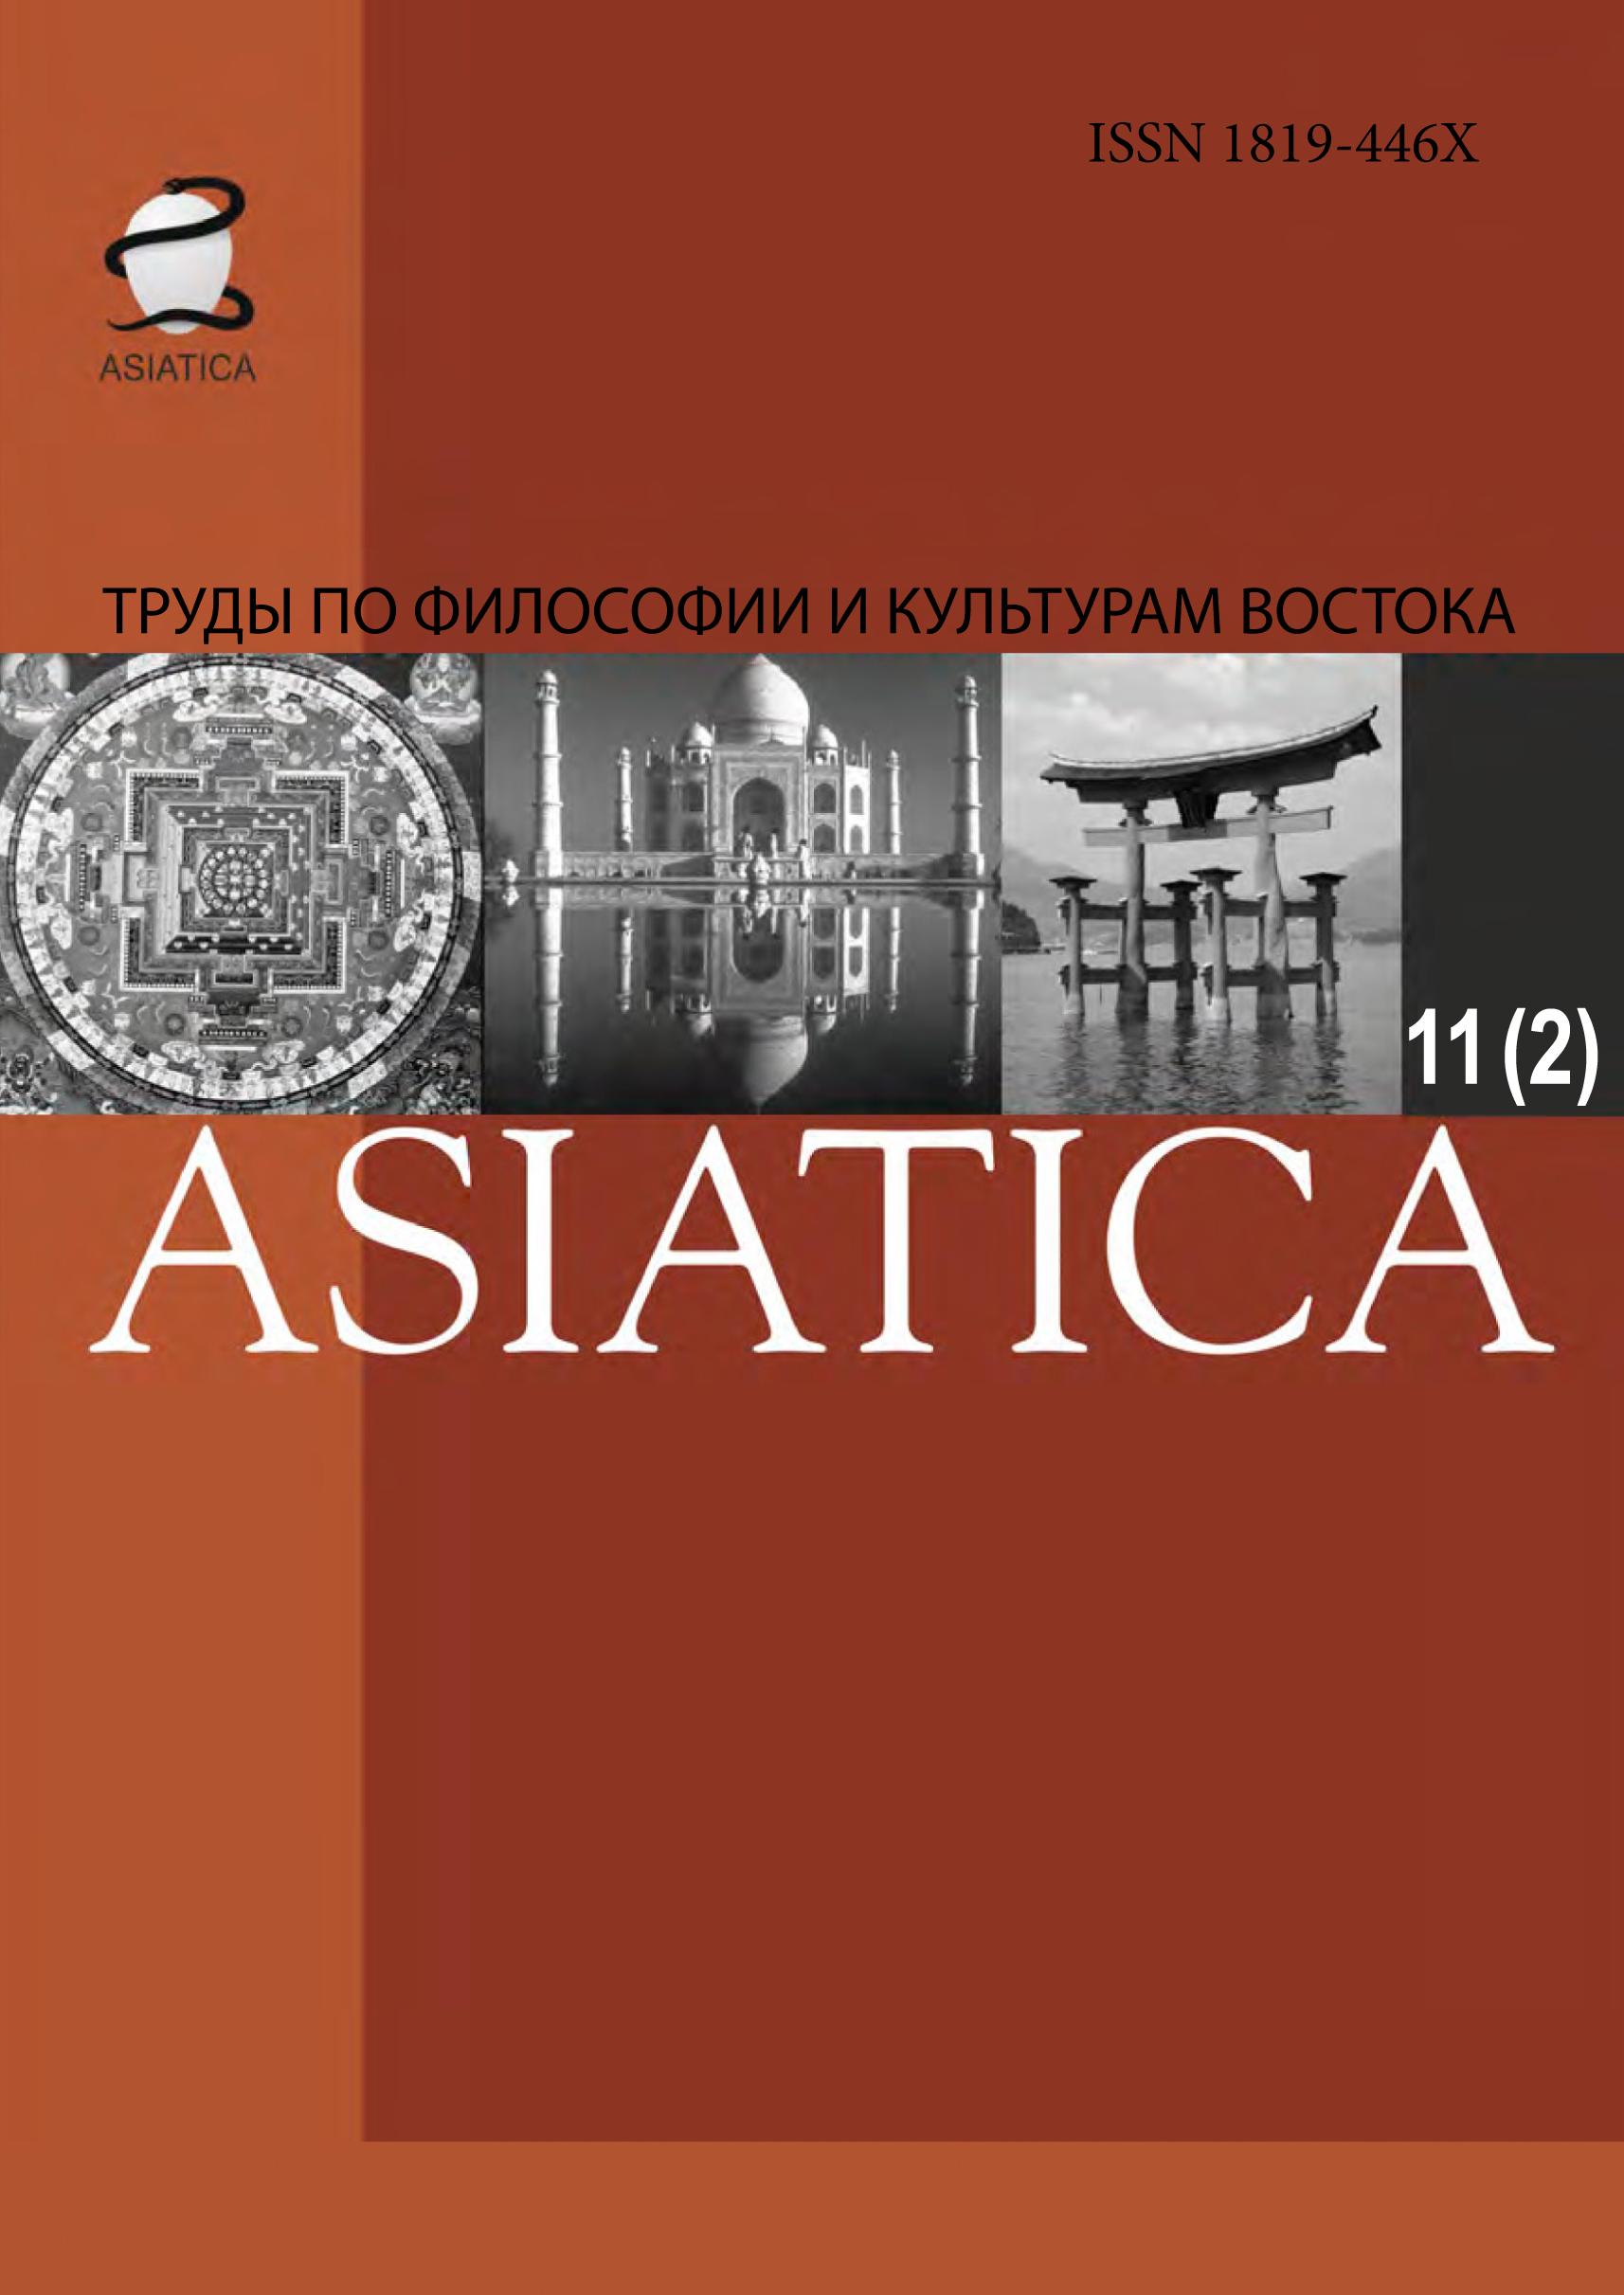 ASIATICA. Труды по философии и культурам Востока. Выпуск 11(2)